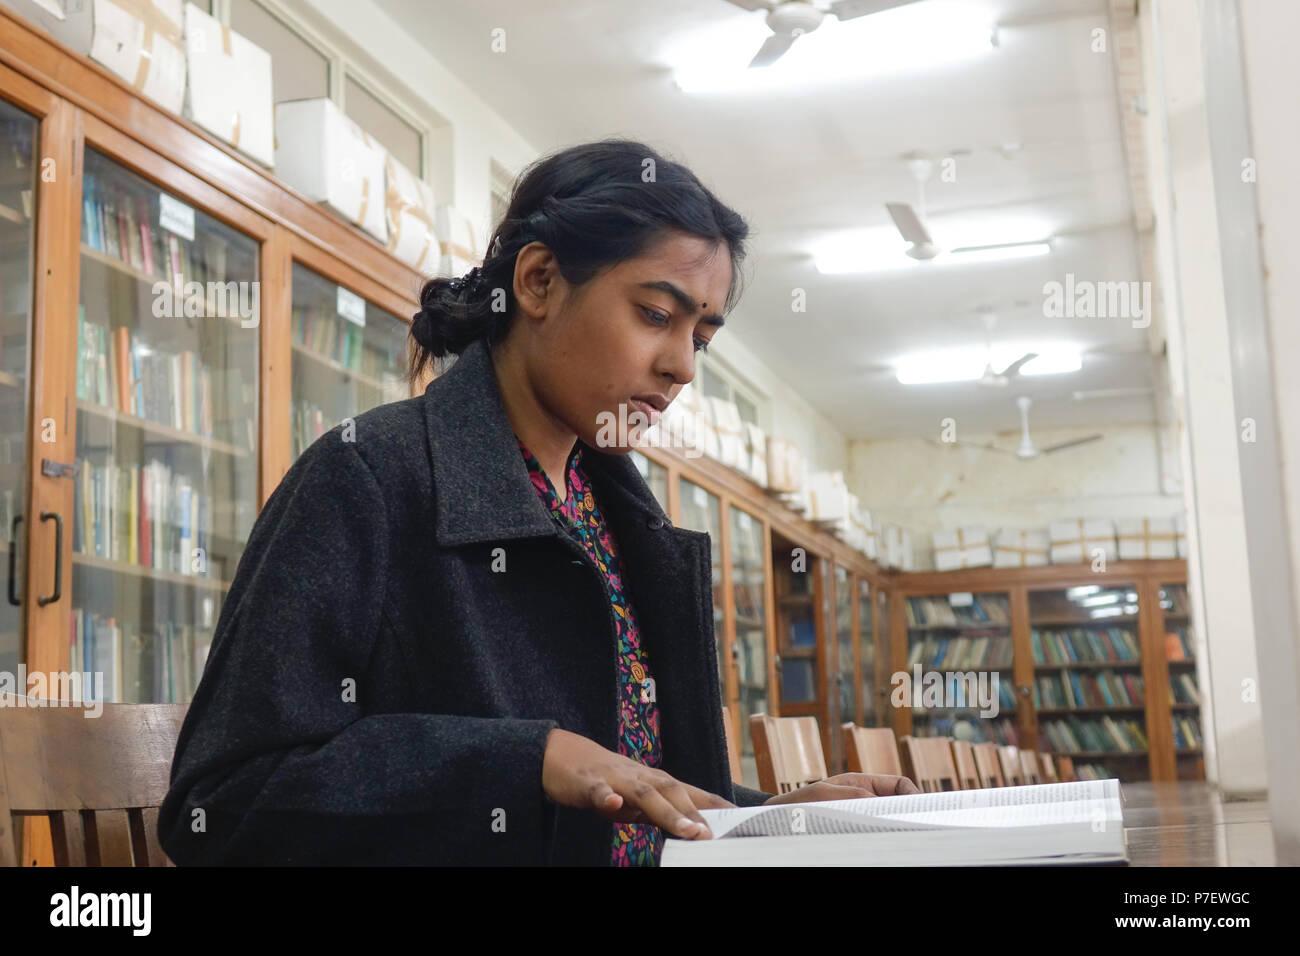 Una joven mujer India profesor estudiando los libros sobre